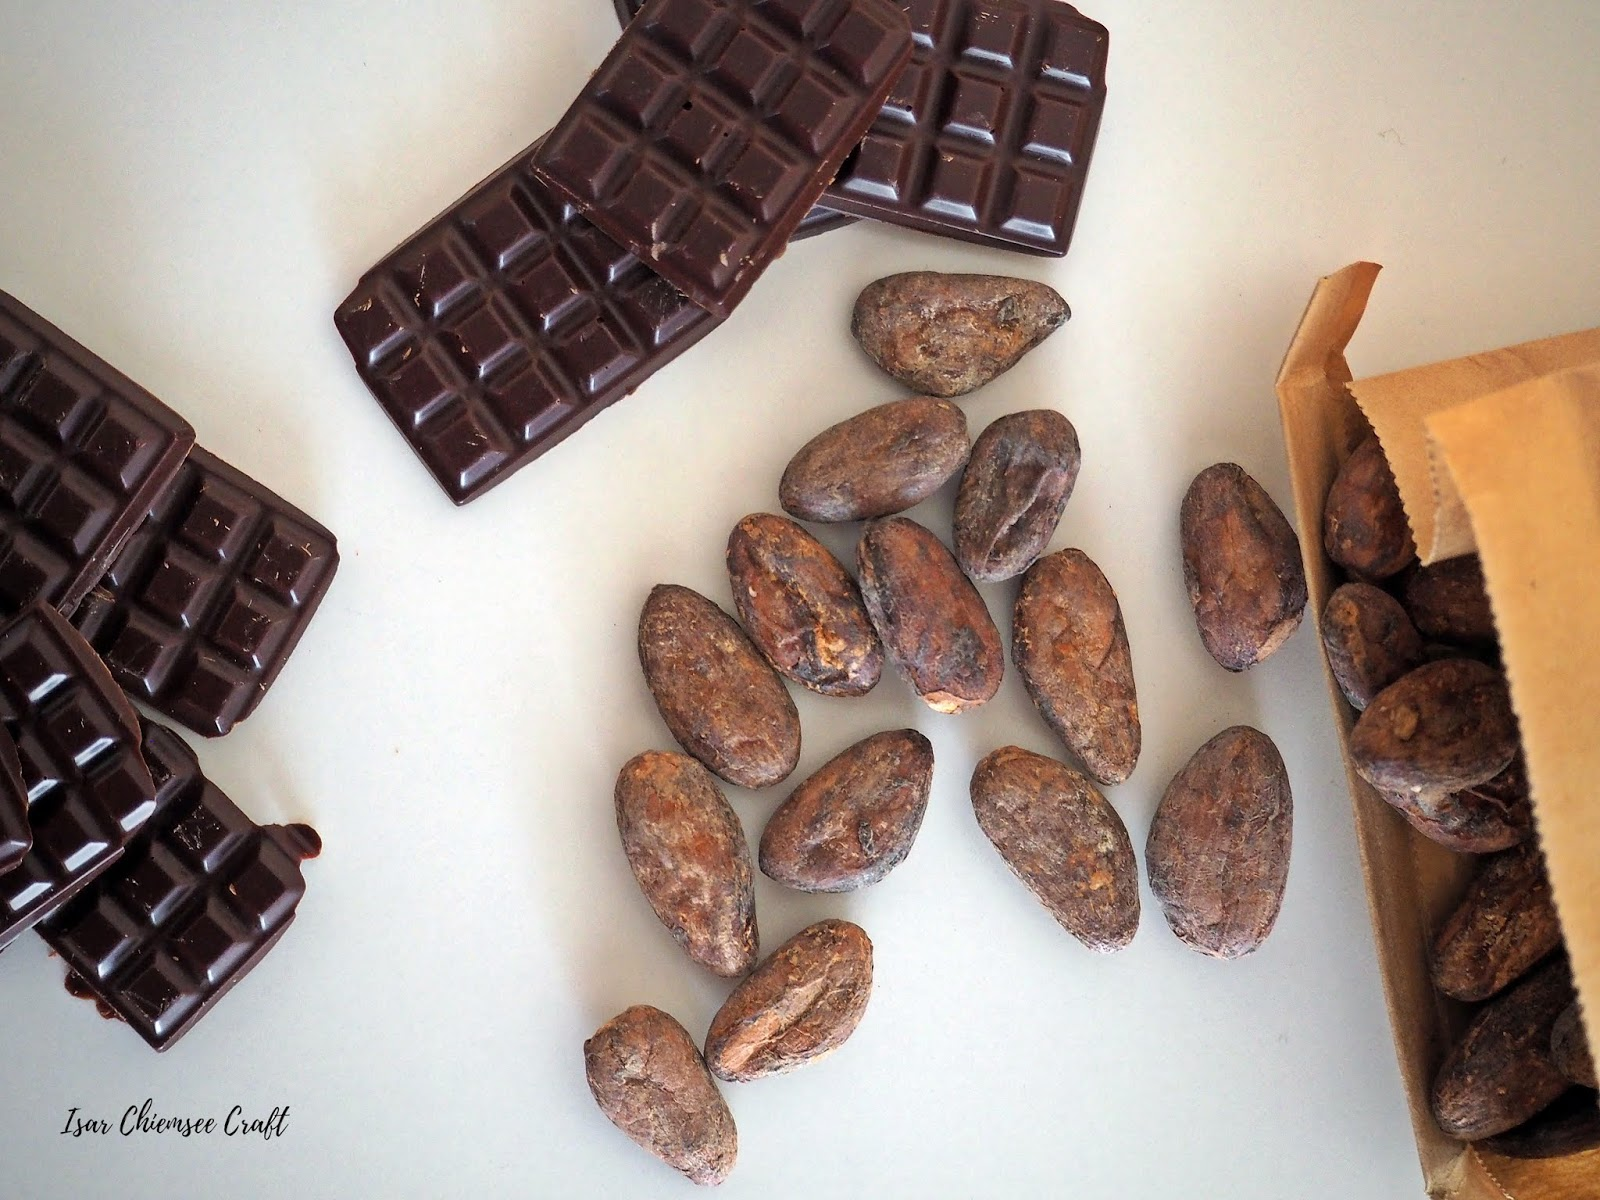 Gesunde Schokolade aus Kakaobohnen im Mixer selber machen